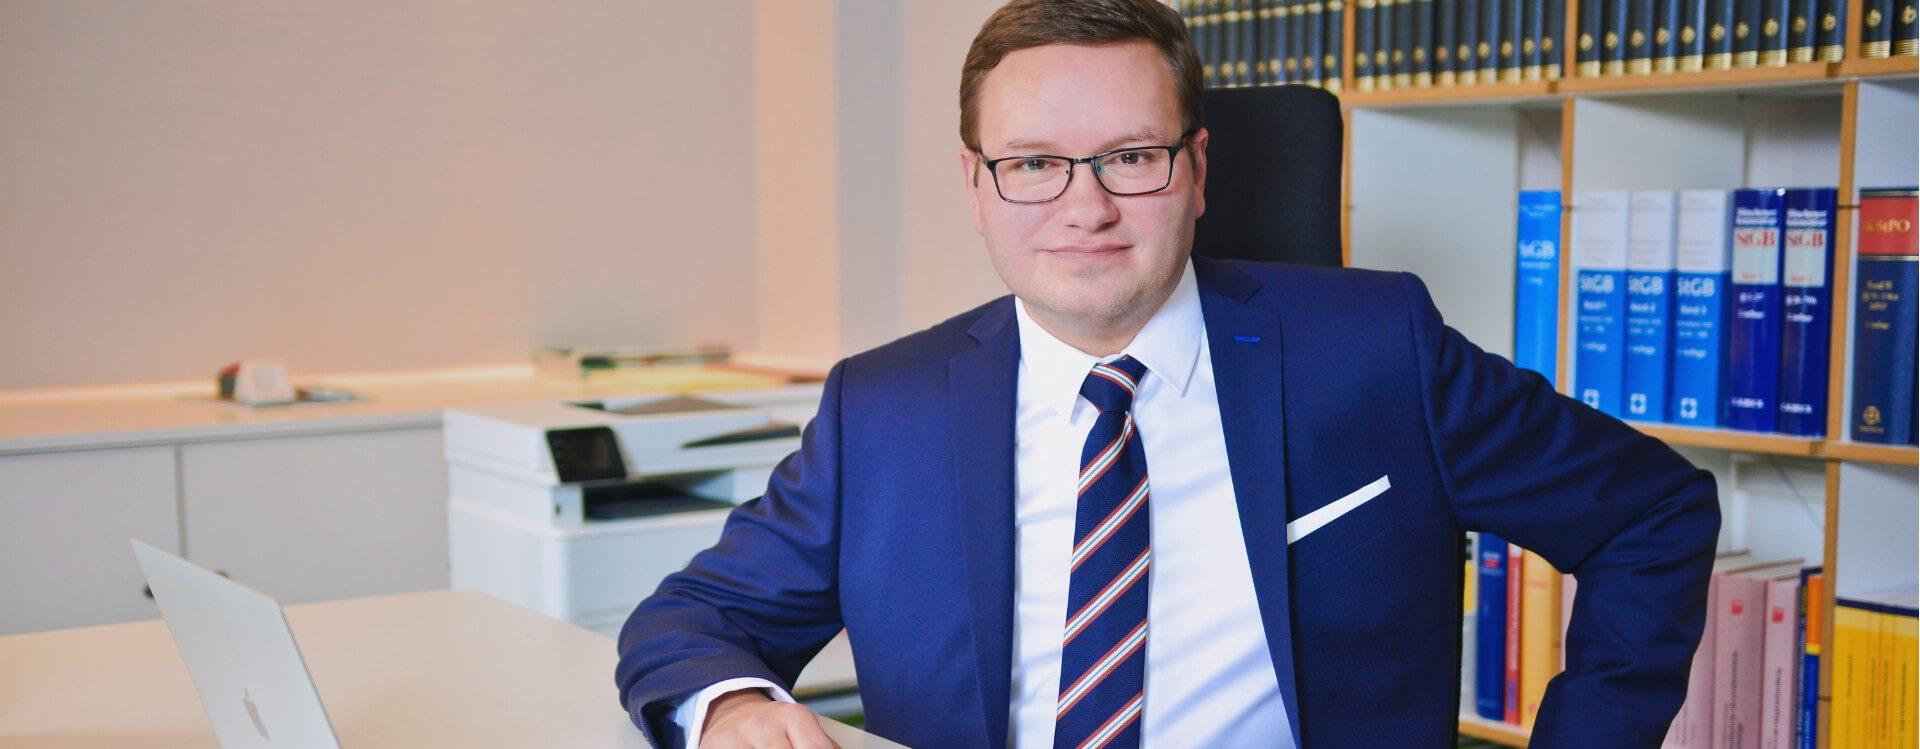 Laudon | Kanzlei für Strafrecht und Strafverteidigung in Hamburg - Erfahren Sie mehr über Rechtsanwalt Mirko Laudon